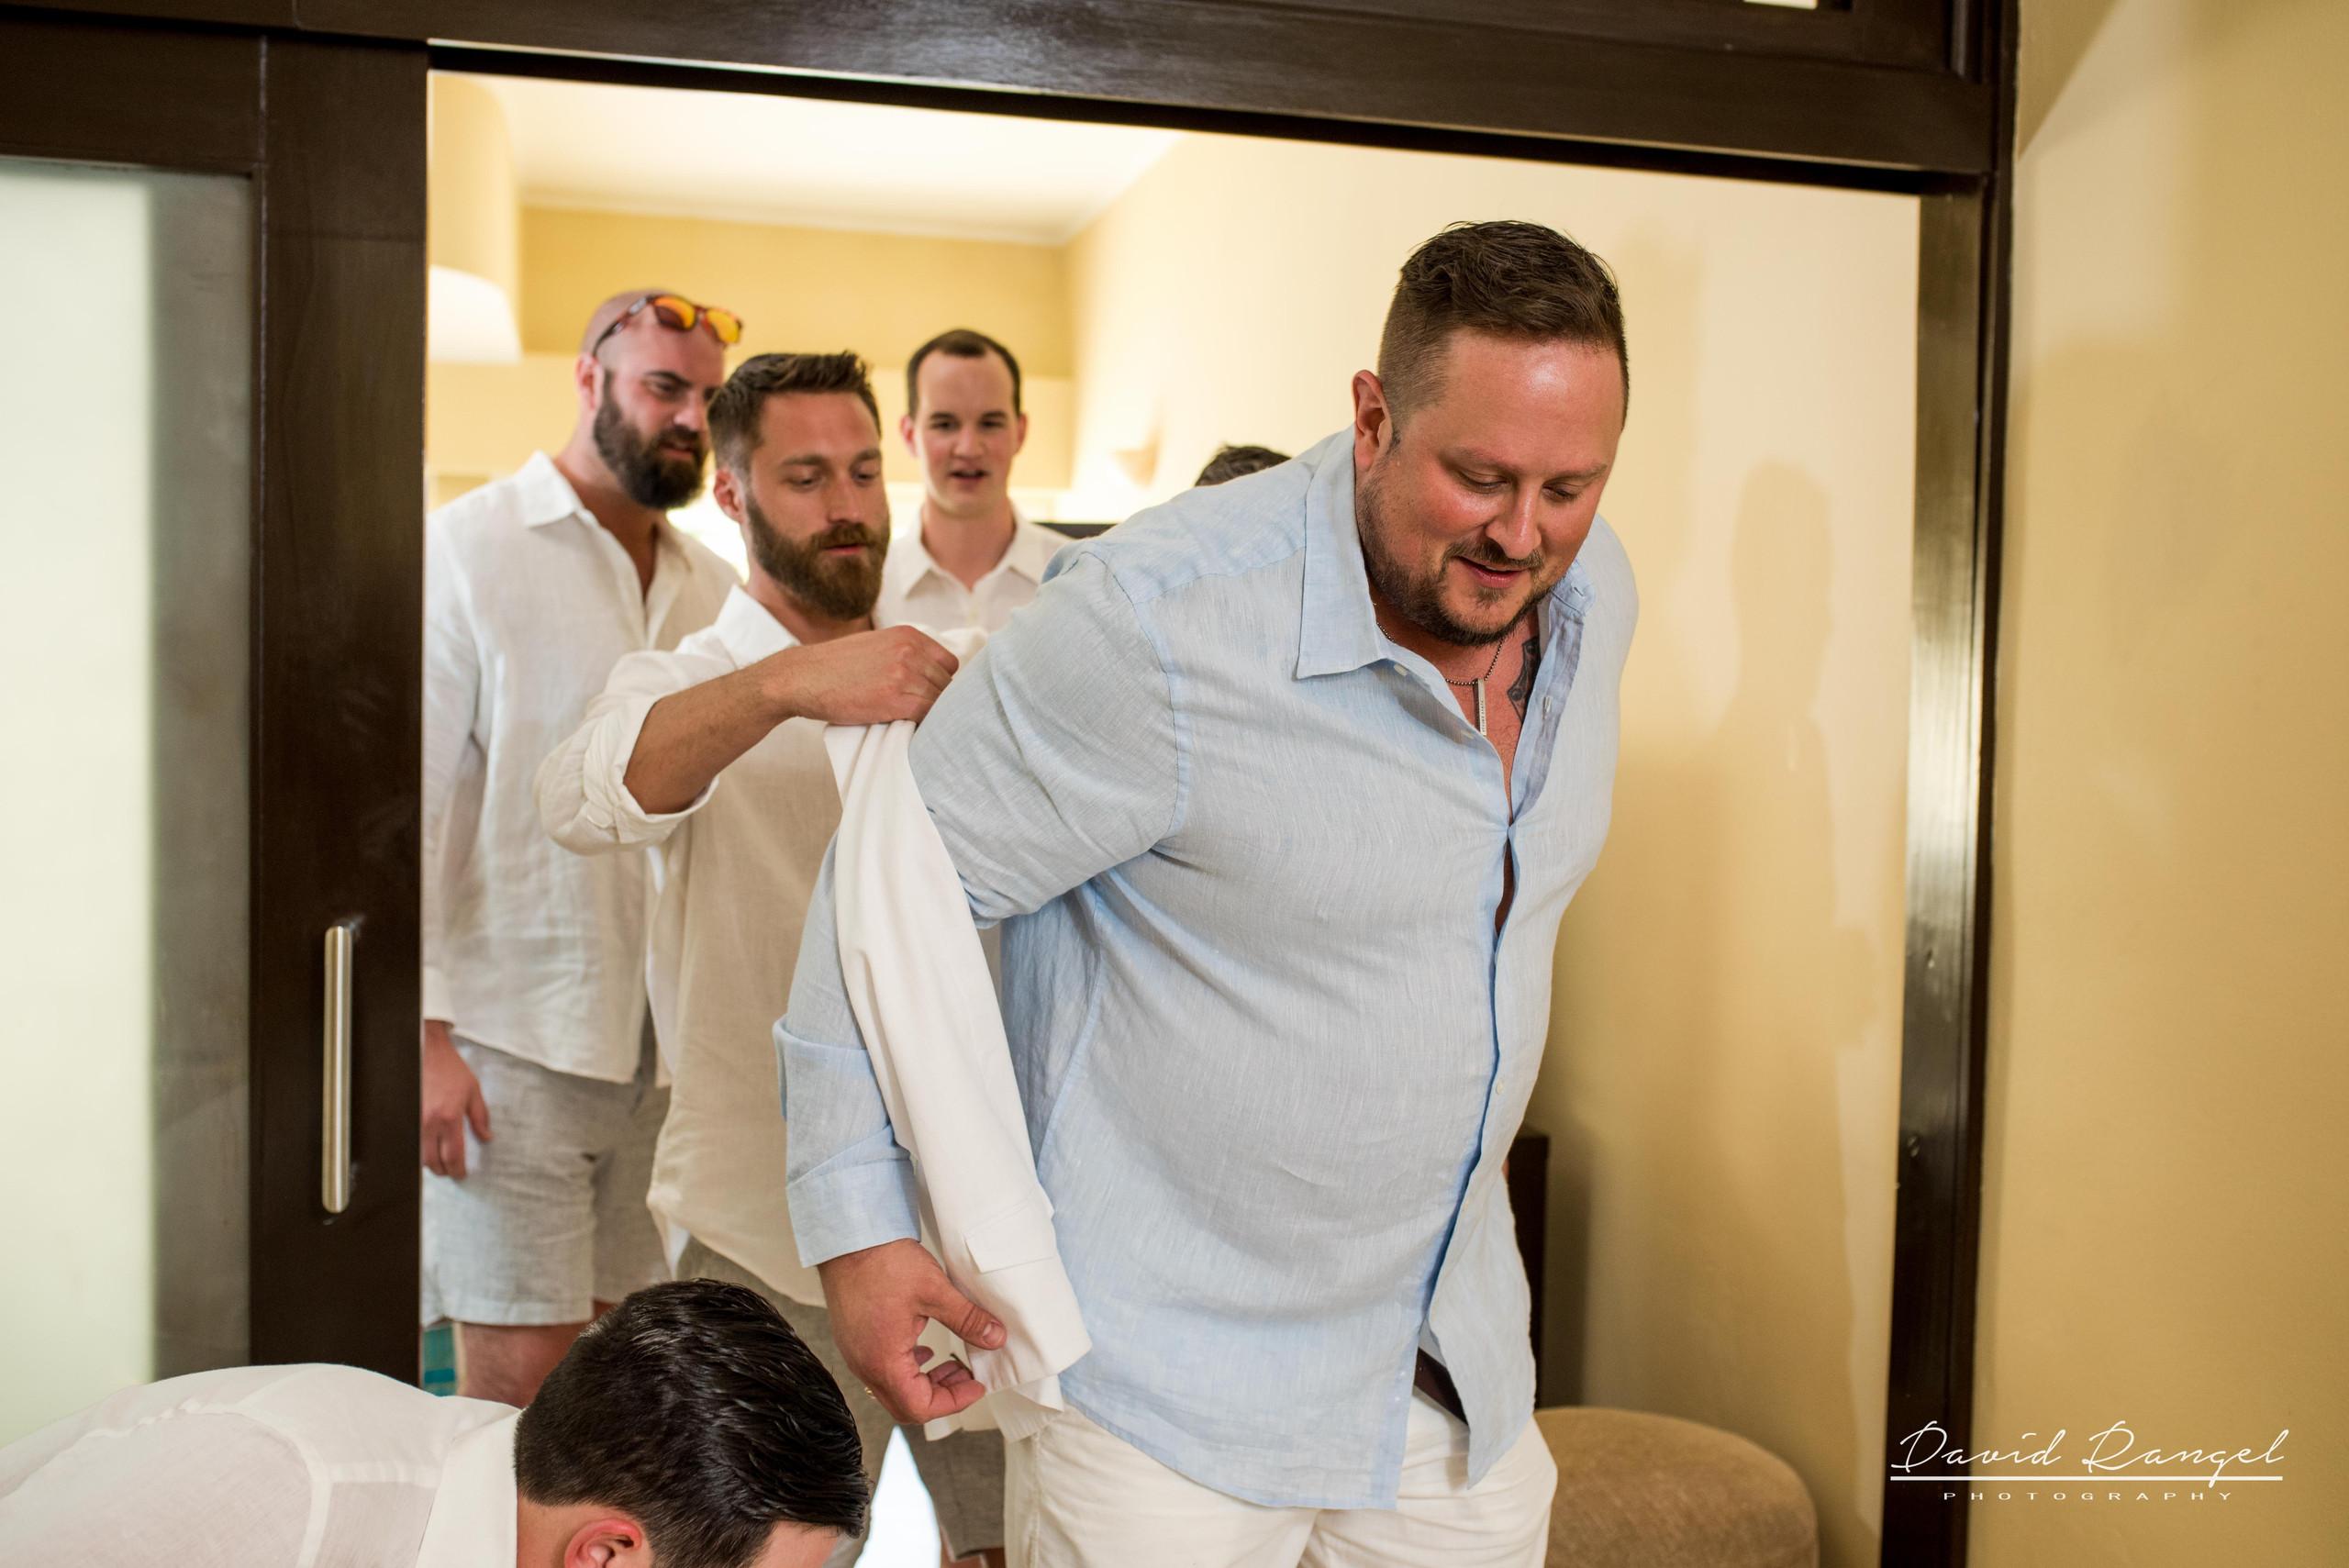 Groom+Crue+groomsmen